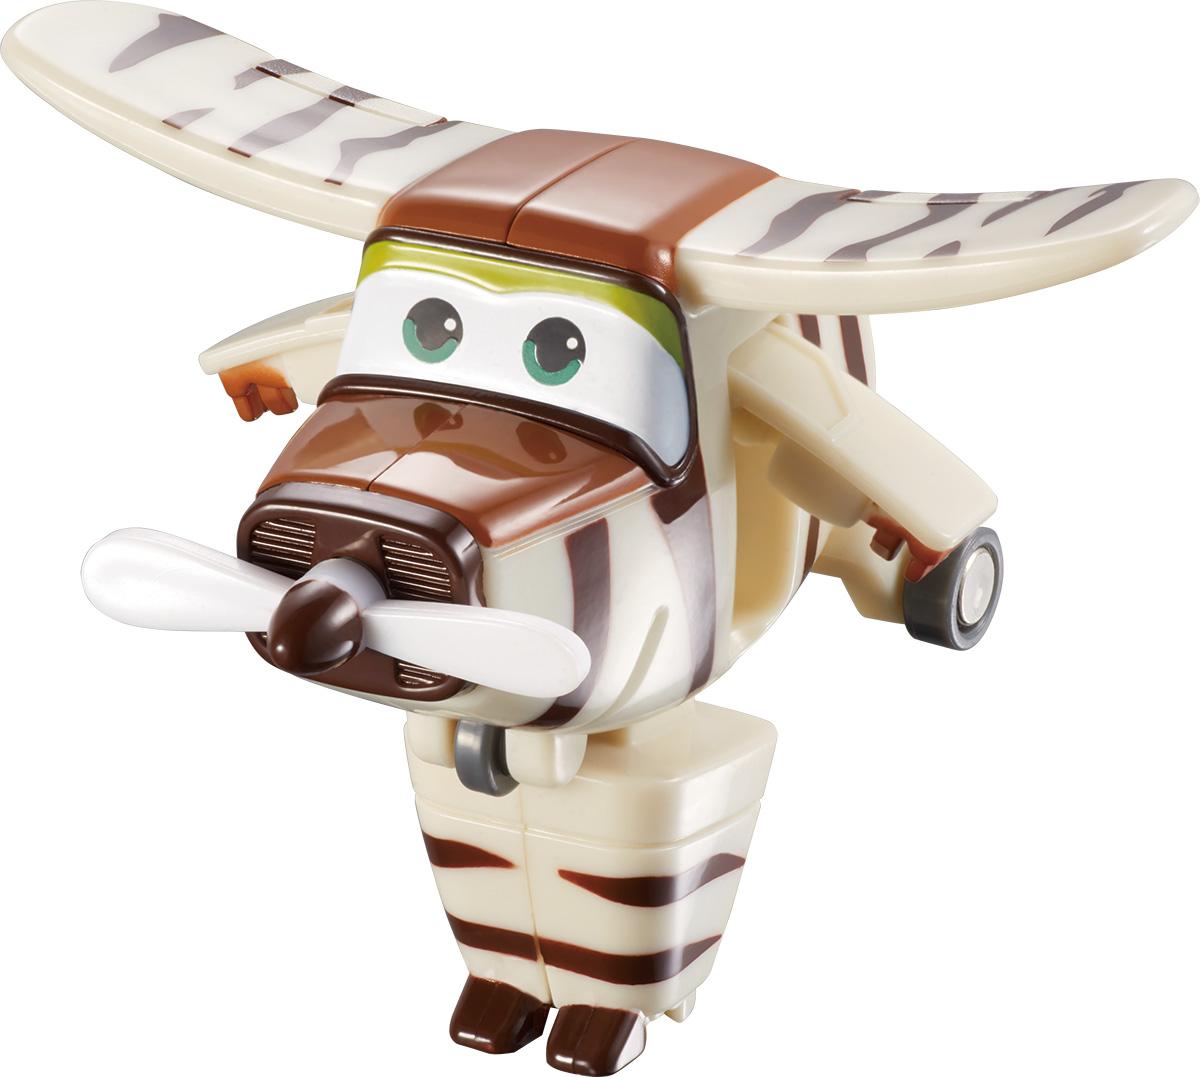 Super Wings Трансформер Бэлло YW710070YW710070Игрушка-трансформер Бэлло надолго займет внимание вашего ребенка. Игрушка выполнена из безопасного пластика в виде самолета по имени Бэлло, полностью повторяющего персонажа популярного мультсериала «Super Wings». Ваш ребёнок сможет всего за 3 шага превратить самолет в робота и обратно. Сафари-самолёт Бэлло понимает абсолютно все языки животных и птиц. Когда между ребятами и зверятами нет согласия, Бэлло всегда поможет договориться. Шасси самолетика свободно вращаются, двери трансформируются в руки, а ноги самолёта для сафари легко выдвигаются из хвостовой части и убираются обратно. Эта игрушка непременно понравится вашему малышу, ведь она развивает любознательность, пространственное мышление, логику и мелкую моторику рук.